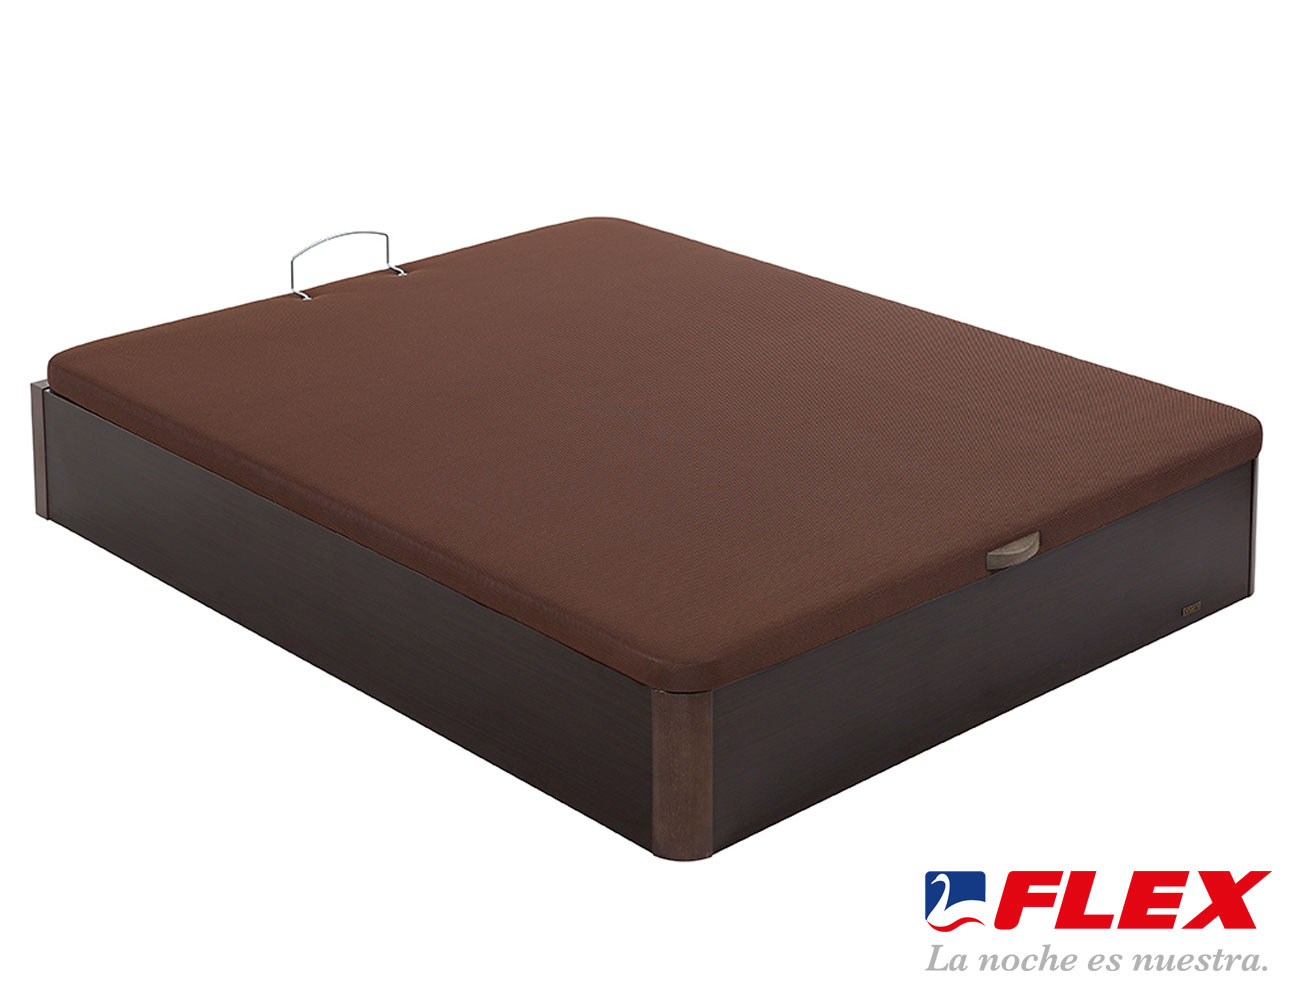 Canape flex abatible wengue 2